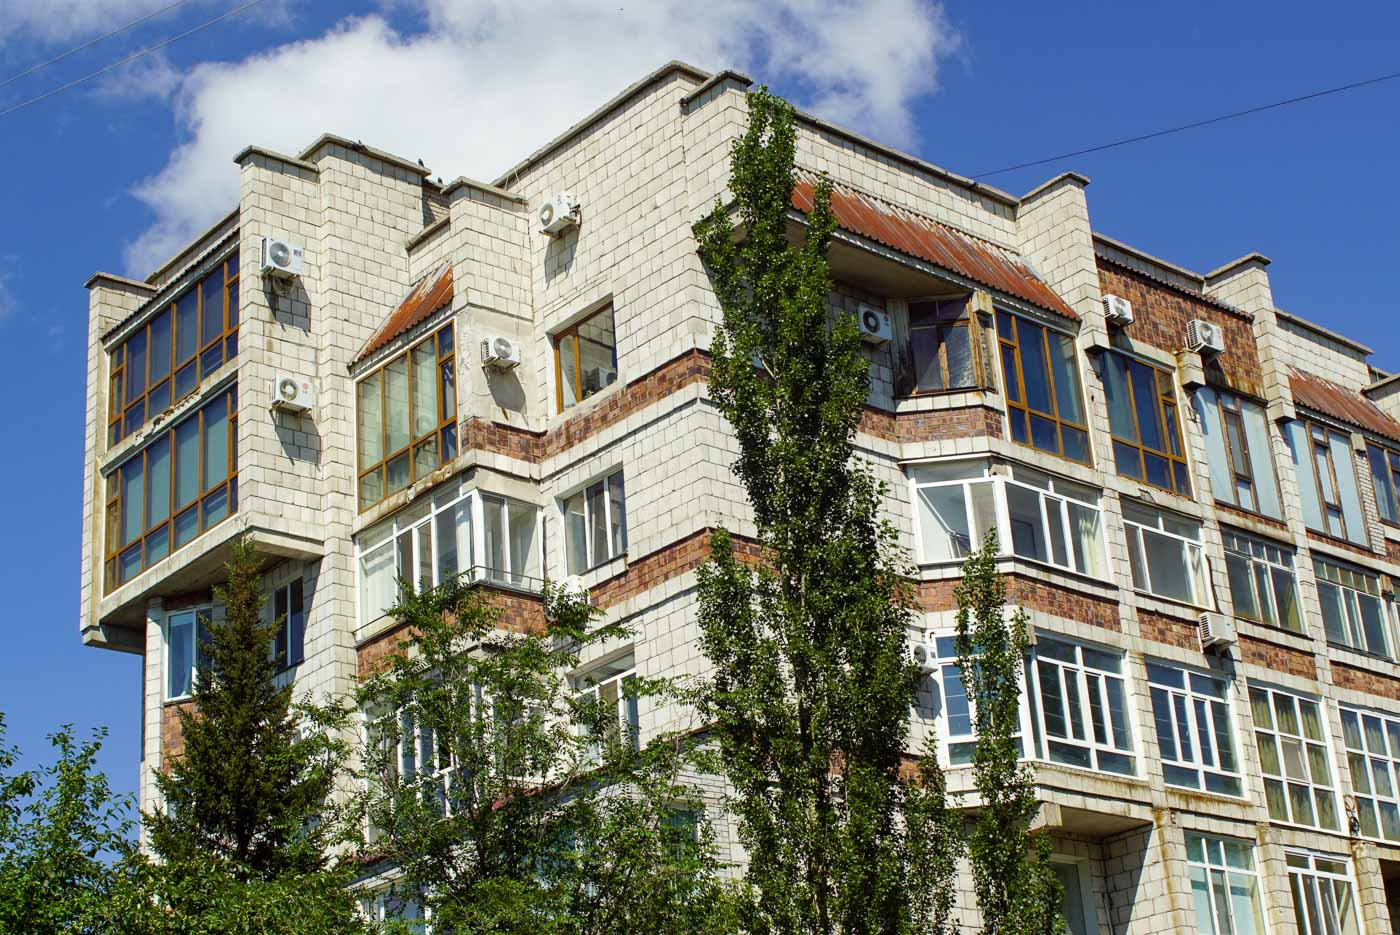 zu sehen ist ein verschachteltes Gebäude mit vielen Erkern und großen Fenstern davor erheben sich grüne Bäume. Der Himmel ist strahlend blau.